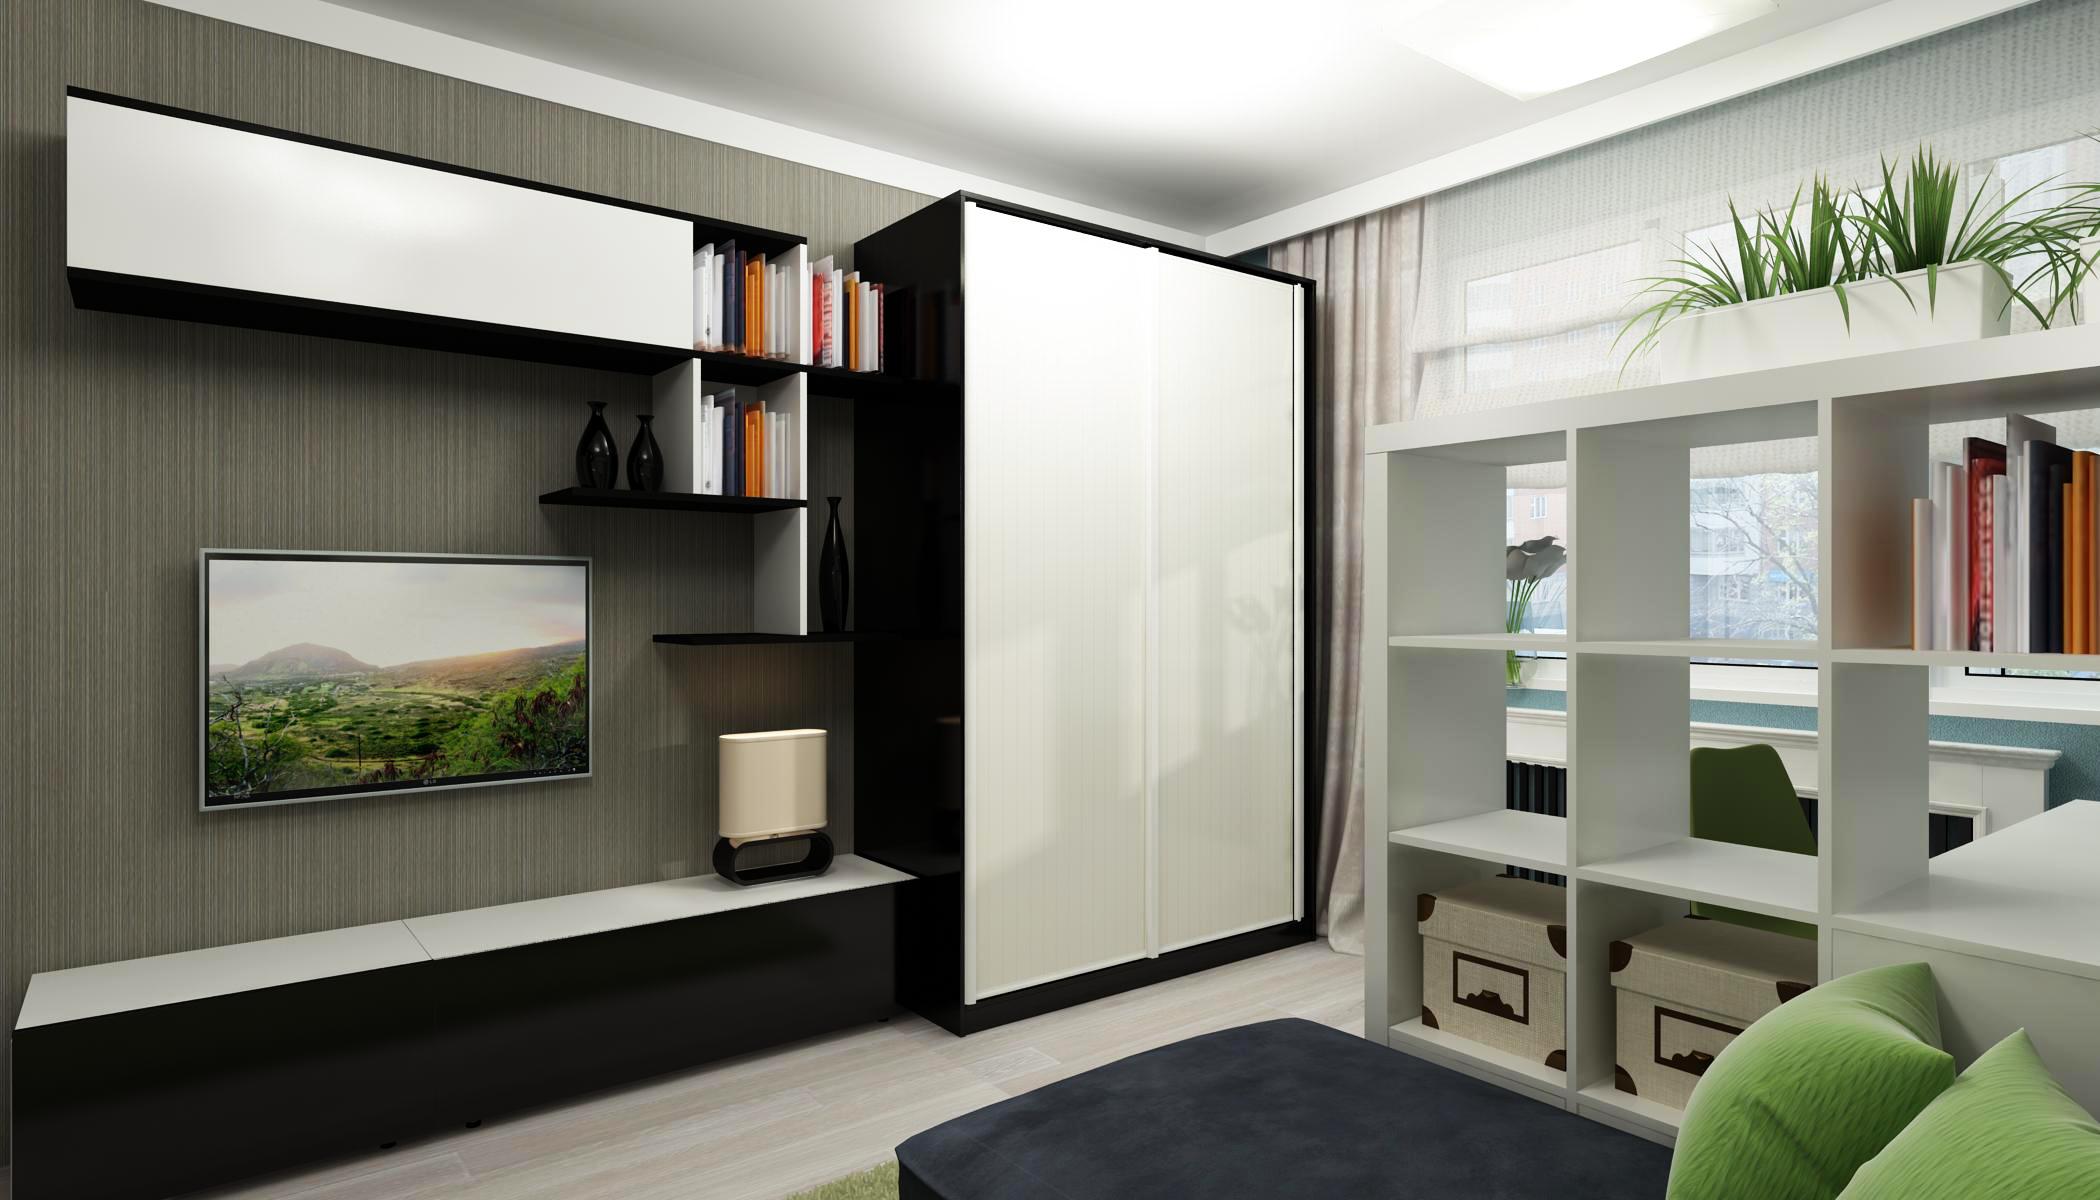 Шкафы для зала